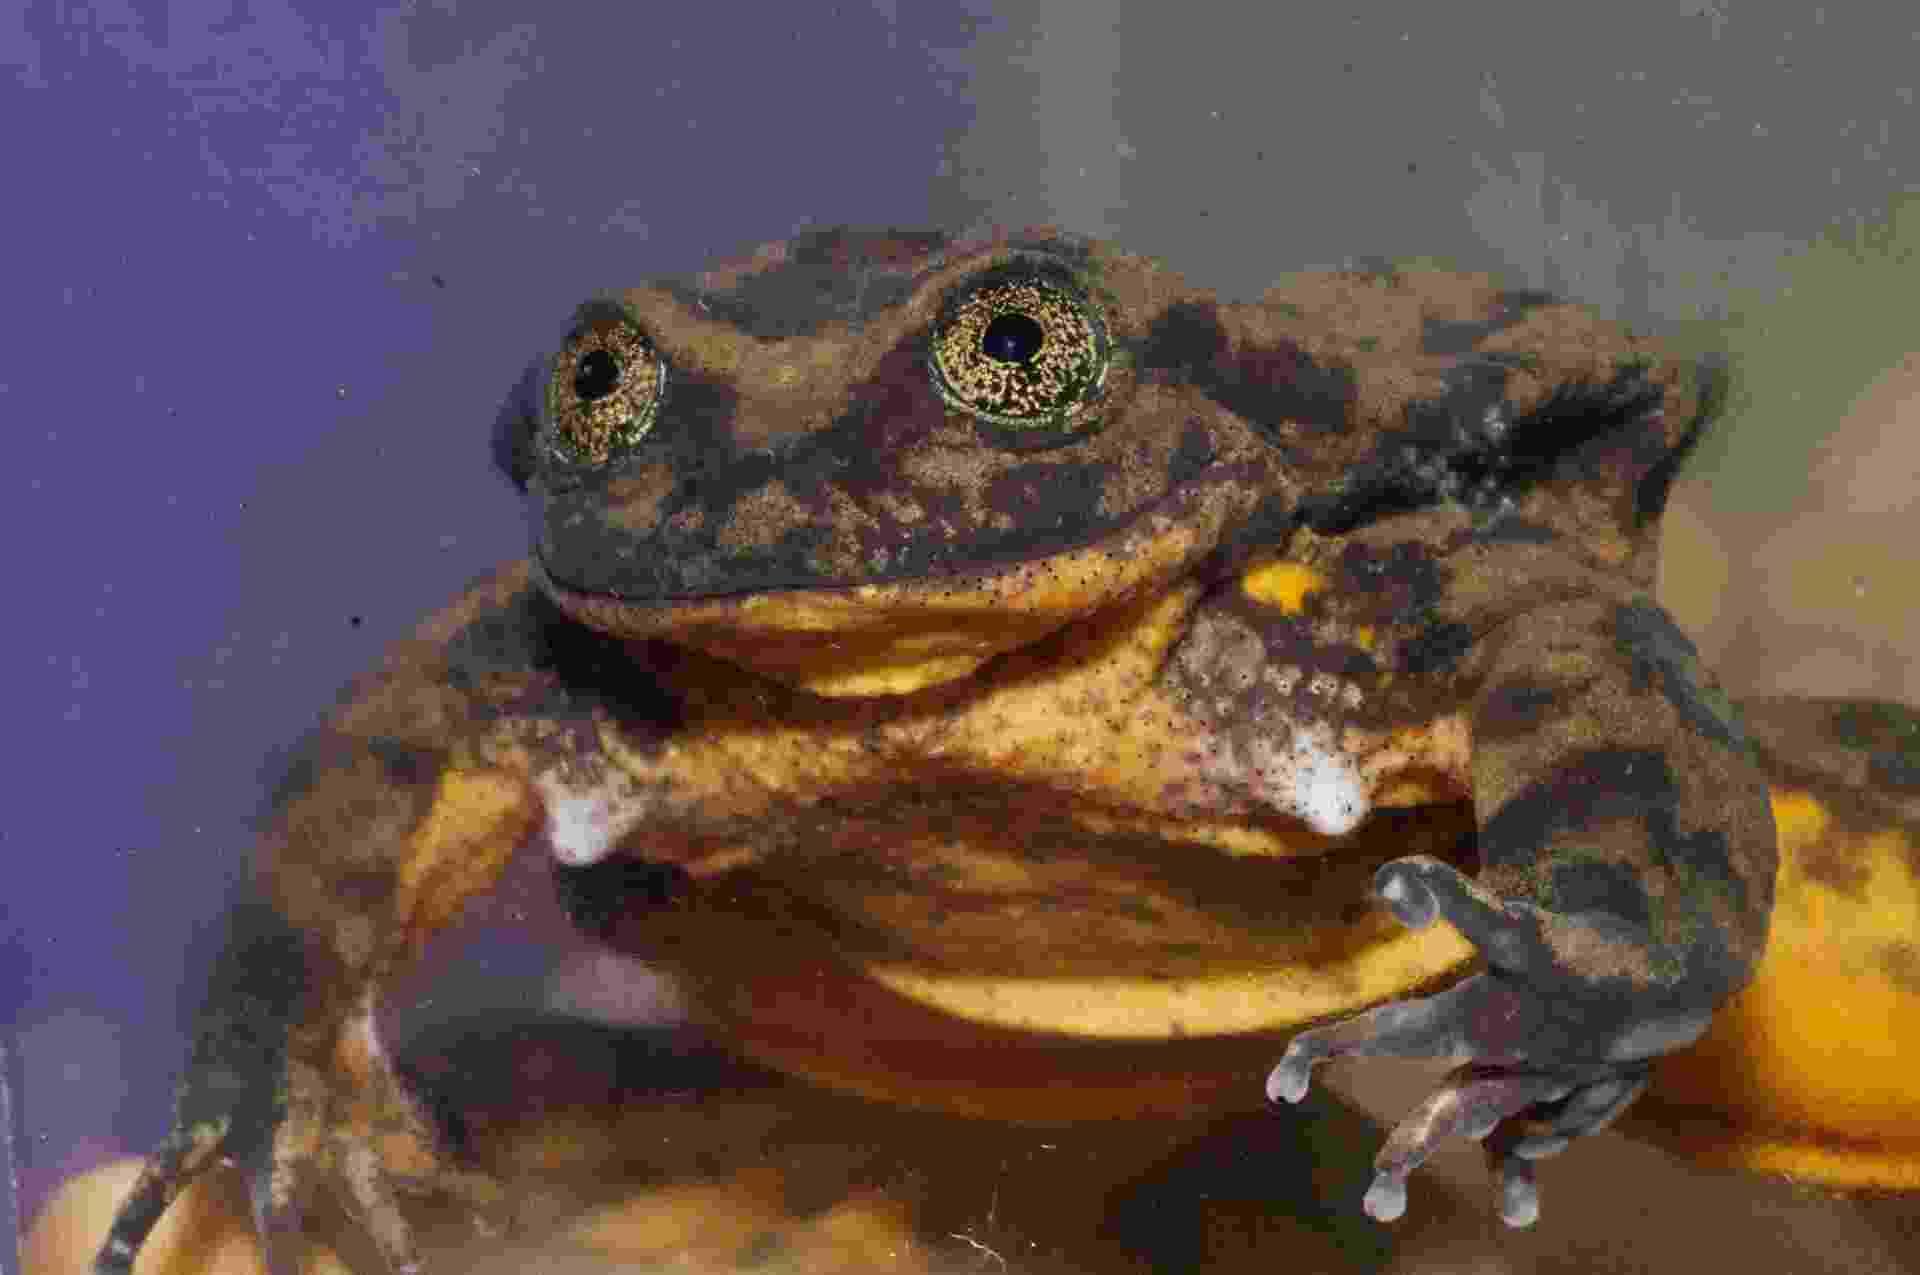 Romeo vive no Museu de História Natural de Cochabamba e tem poucos anos de vida para conseguir salvar sua espécie - Matias Careaga/Global Wildlife Conservation/AFP